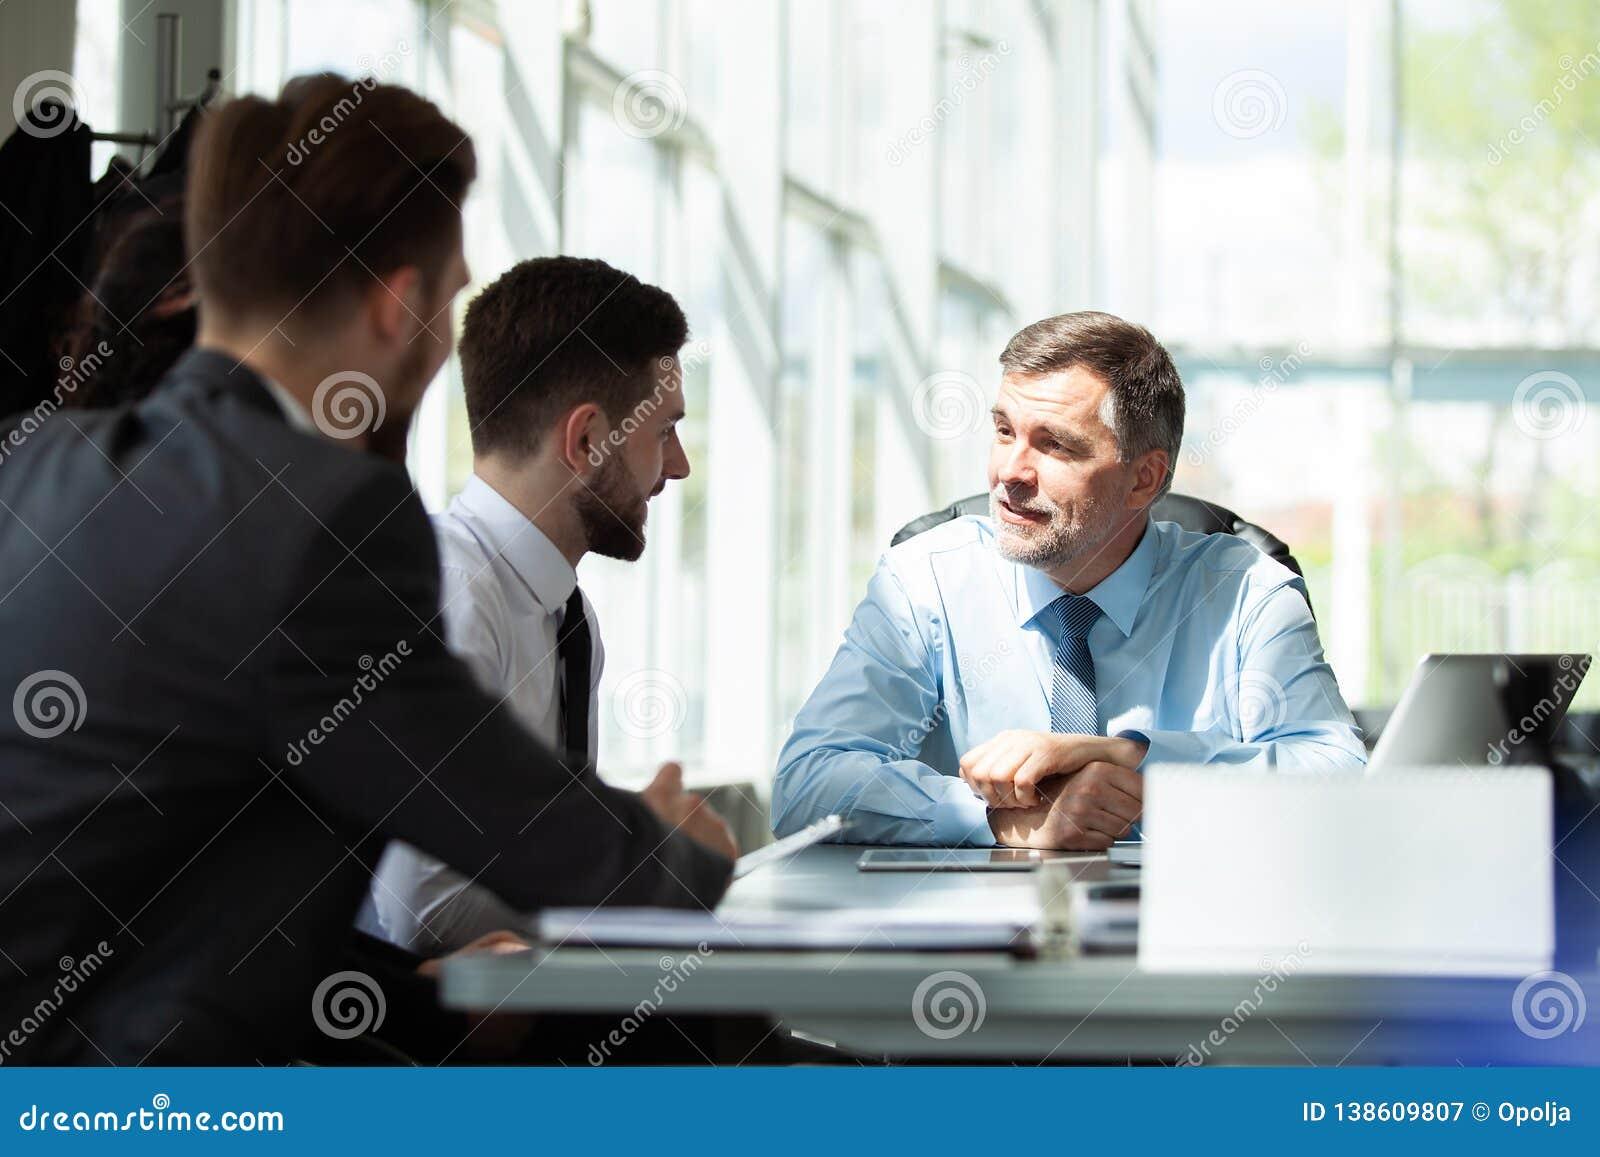 Het samenwerken Zaken Team Discussion Meeting Corporate Concept